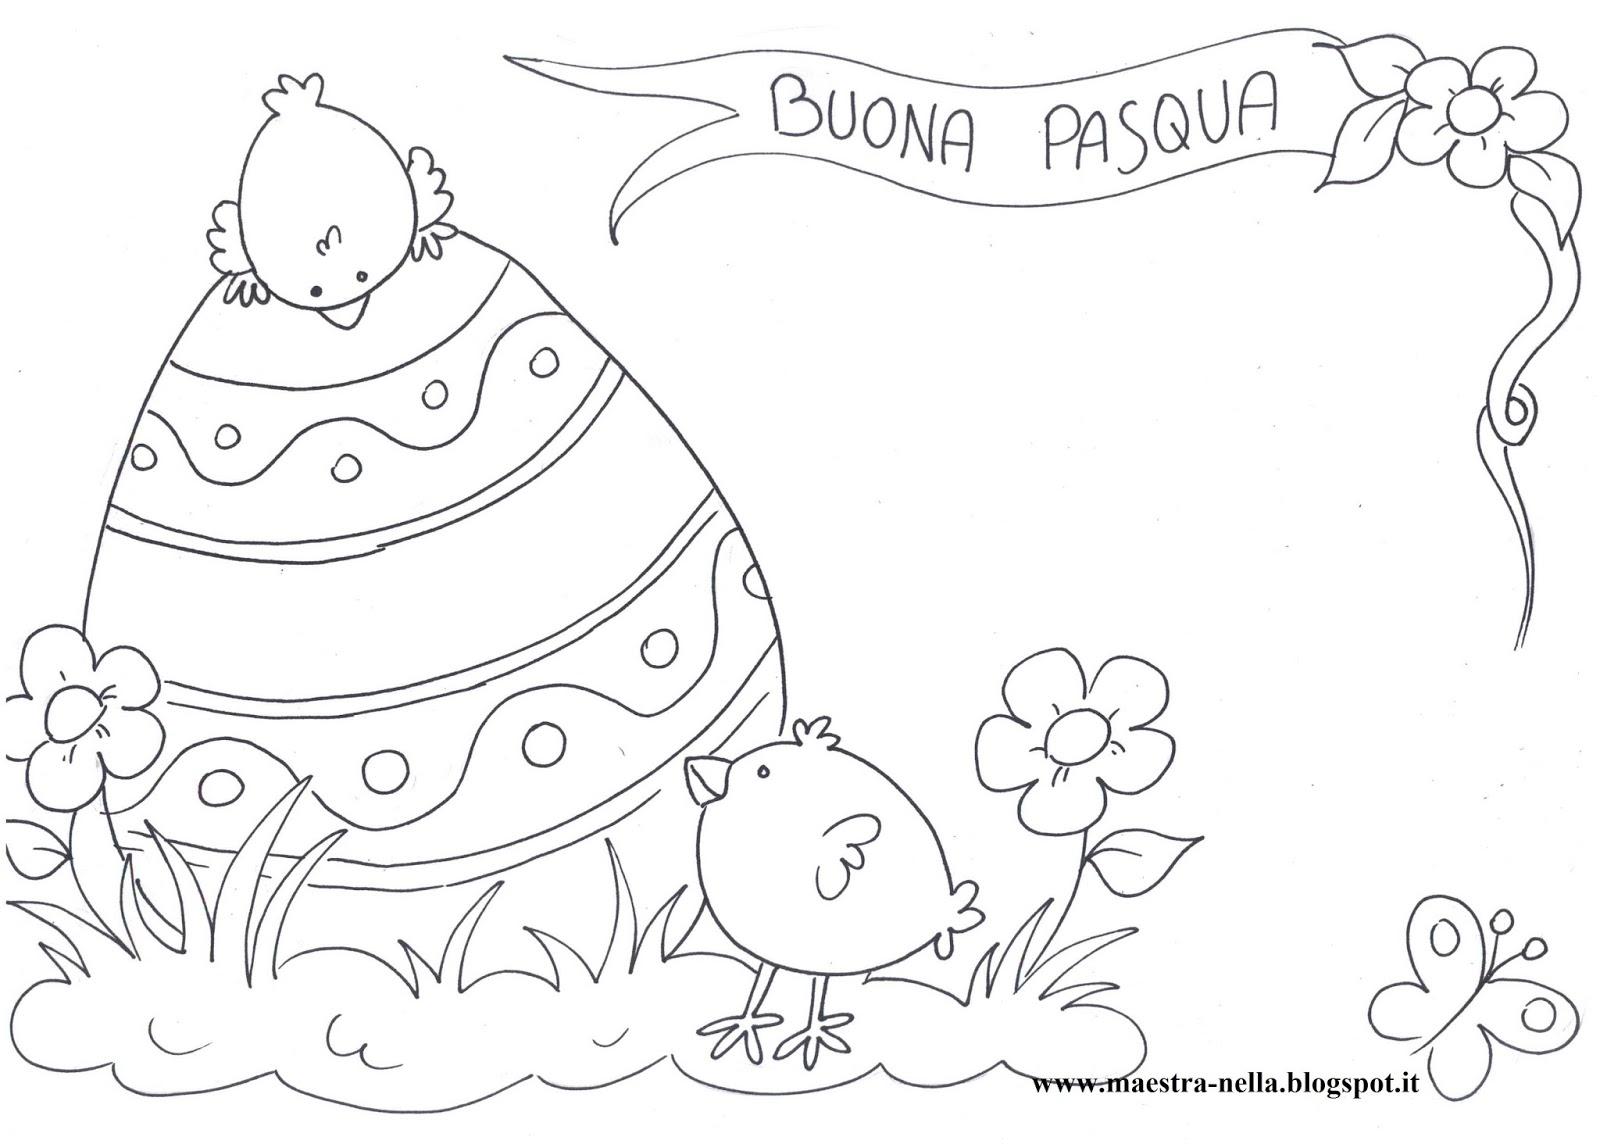 Preferenza maestra Nella: Pasqua-Disegni da colorare OK42